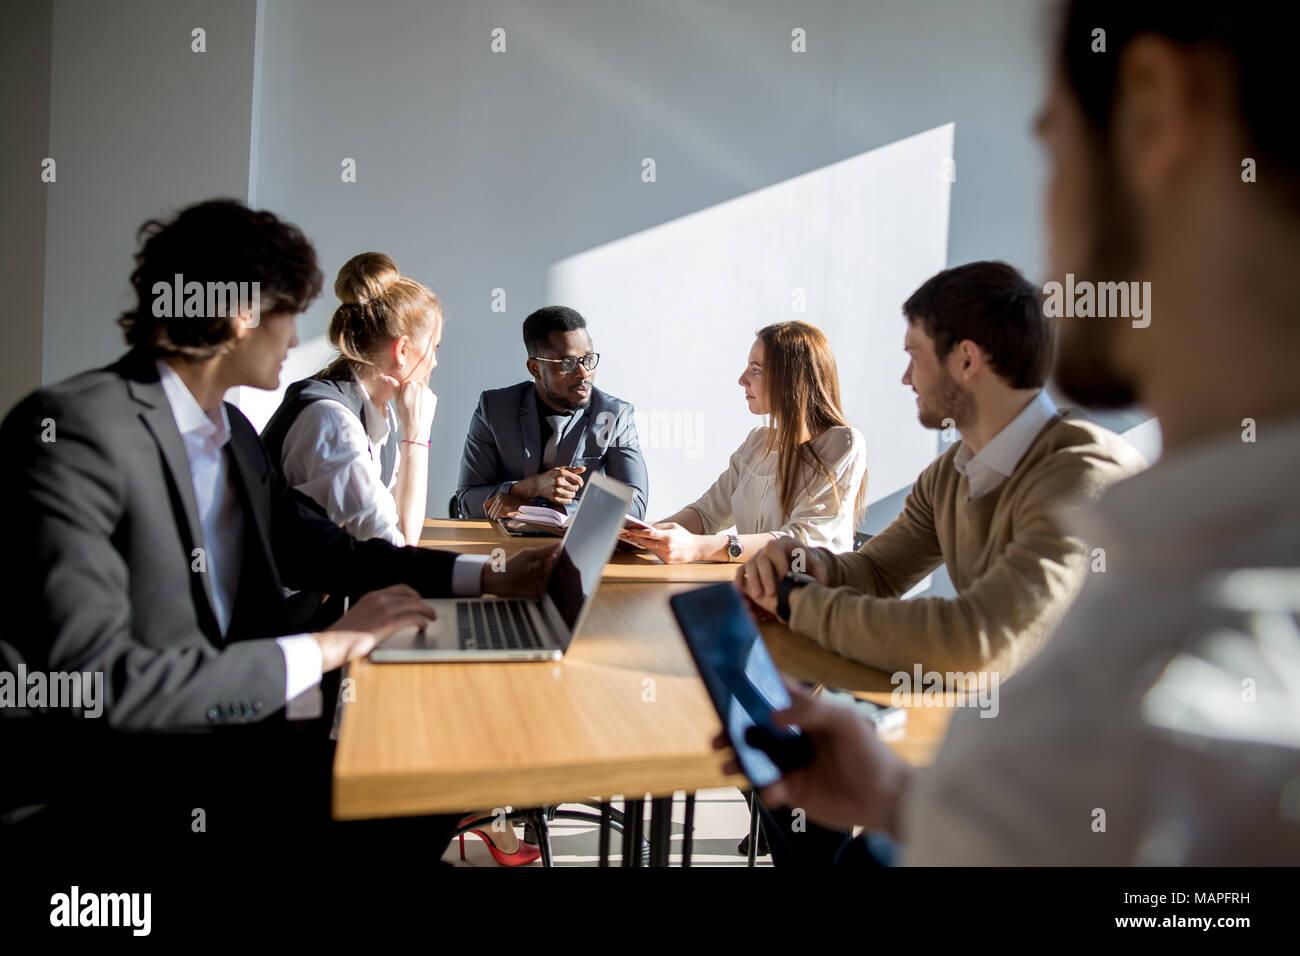 Geschäft Leute hören, Marketing professionelle afrikanische Redner Präsentation Stockbild